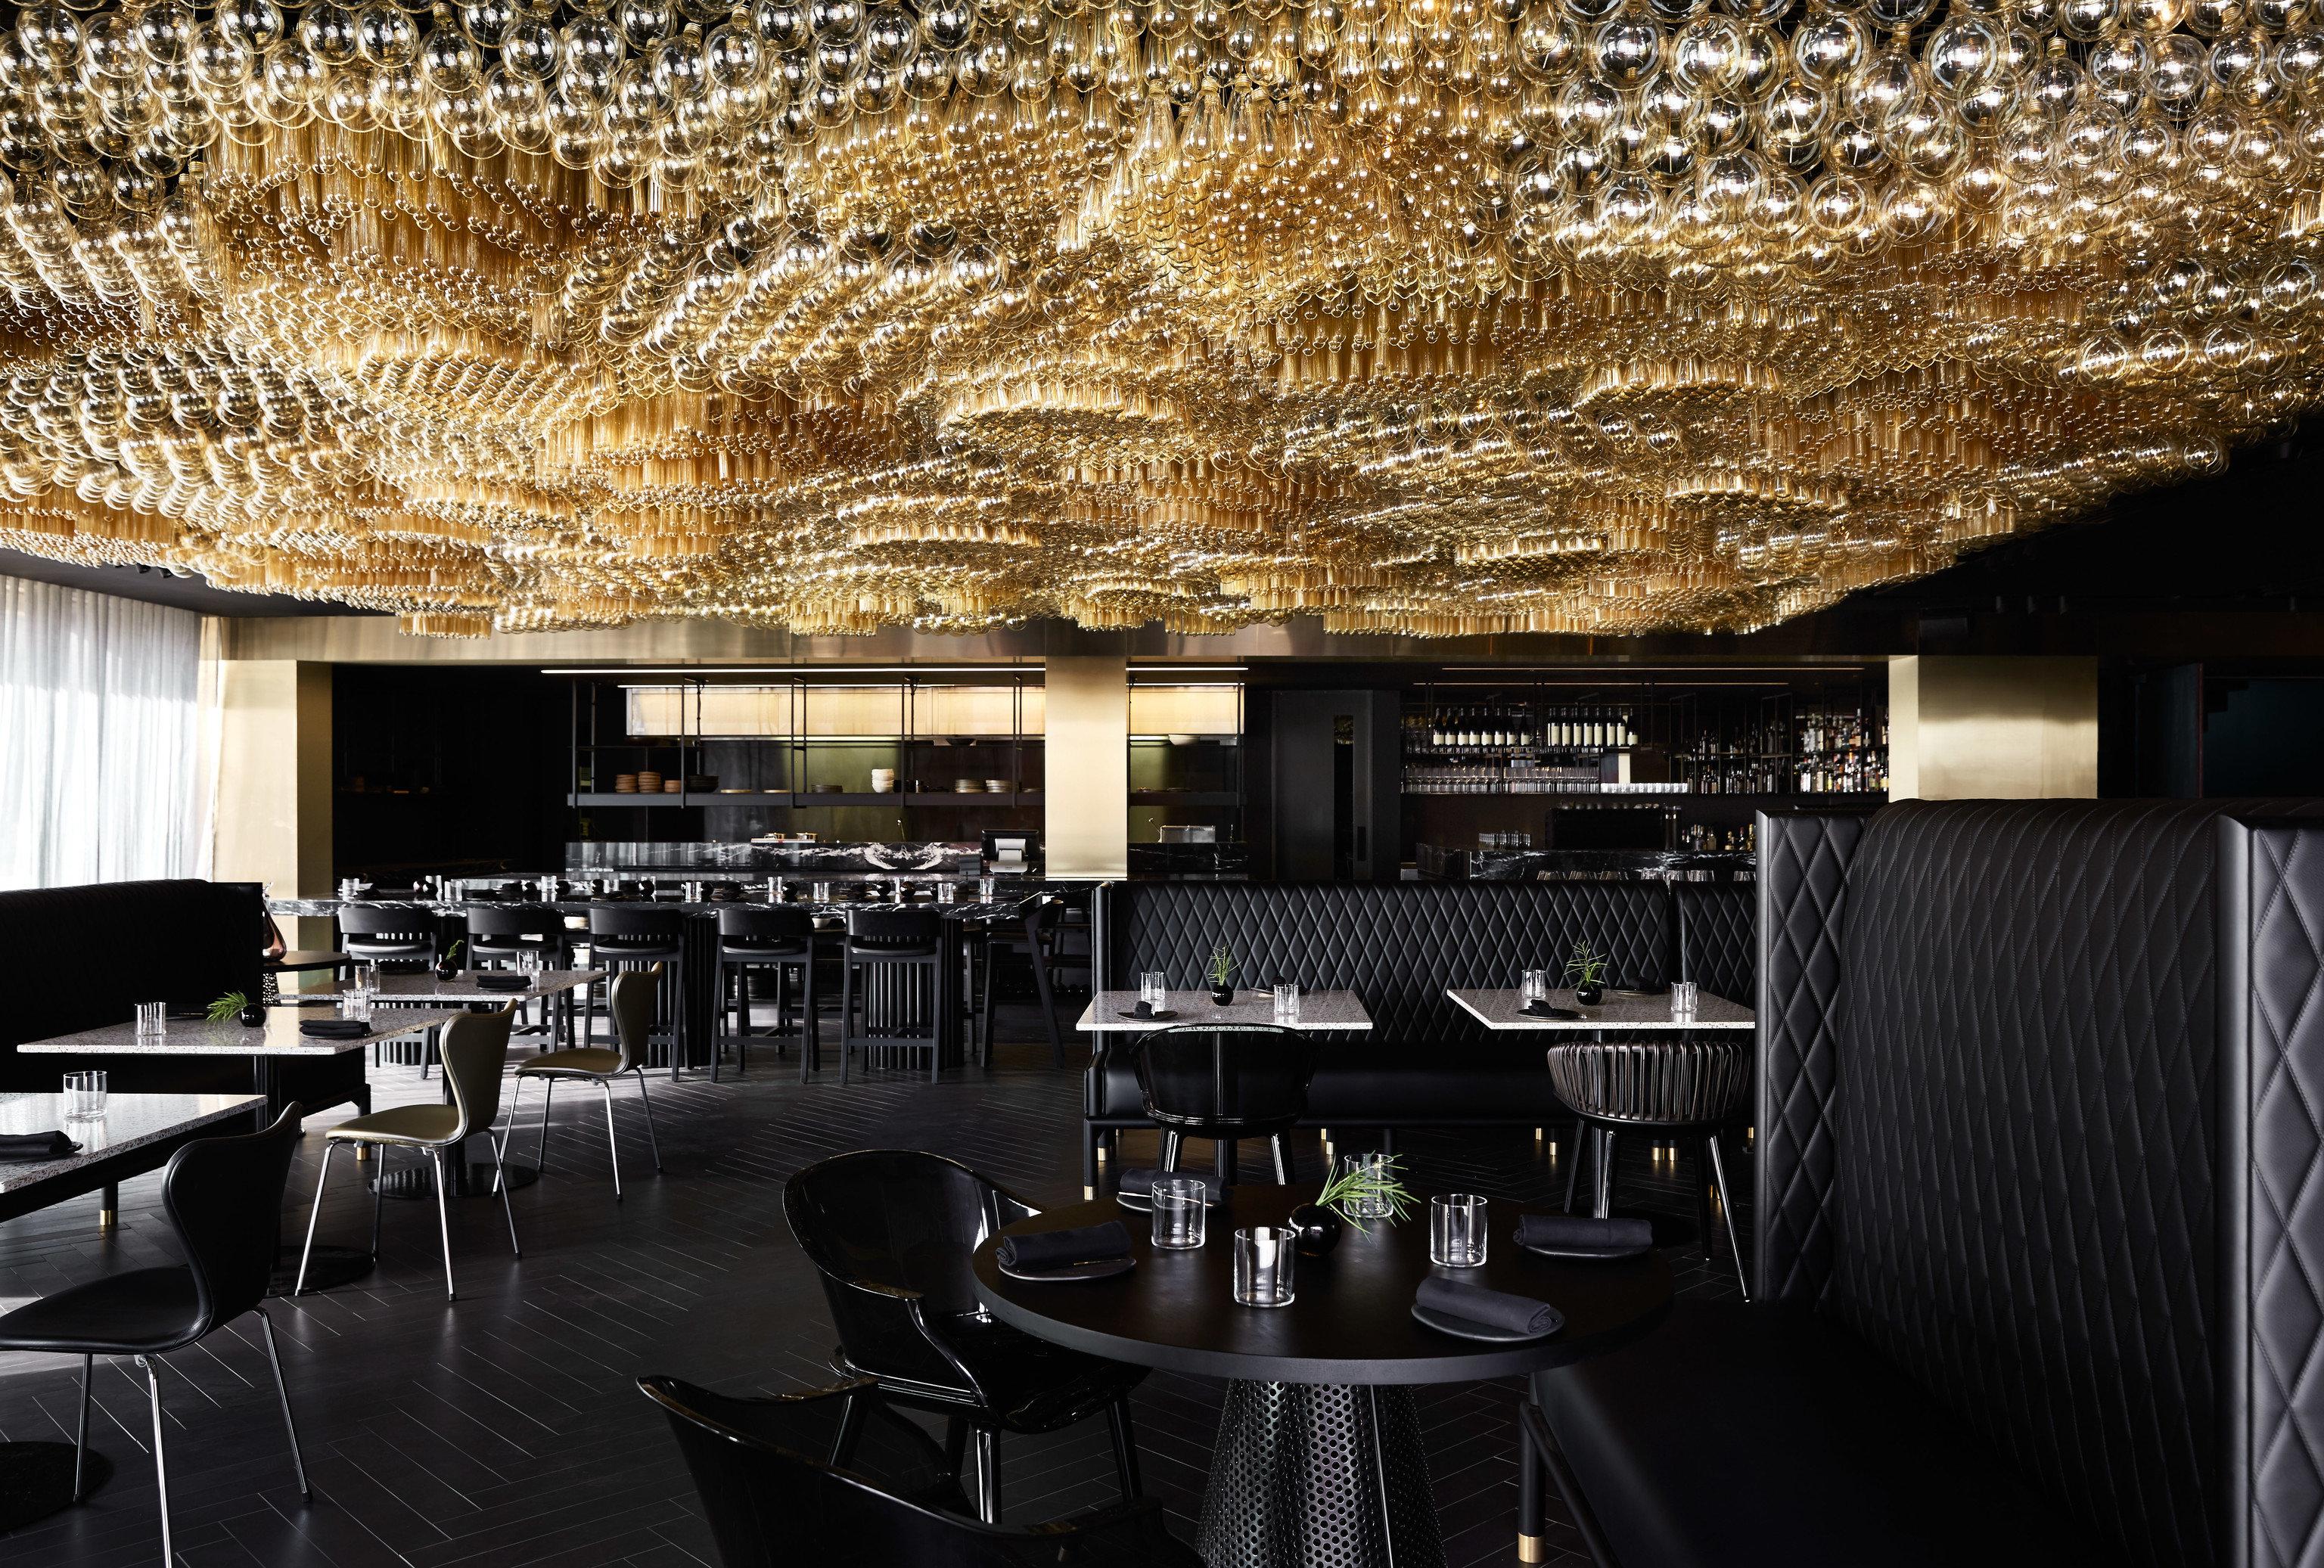 Food + Drink Hotels indoor restaurant interior design ceiling Bar furniture area several dining room